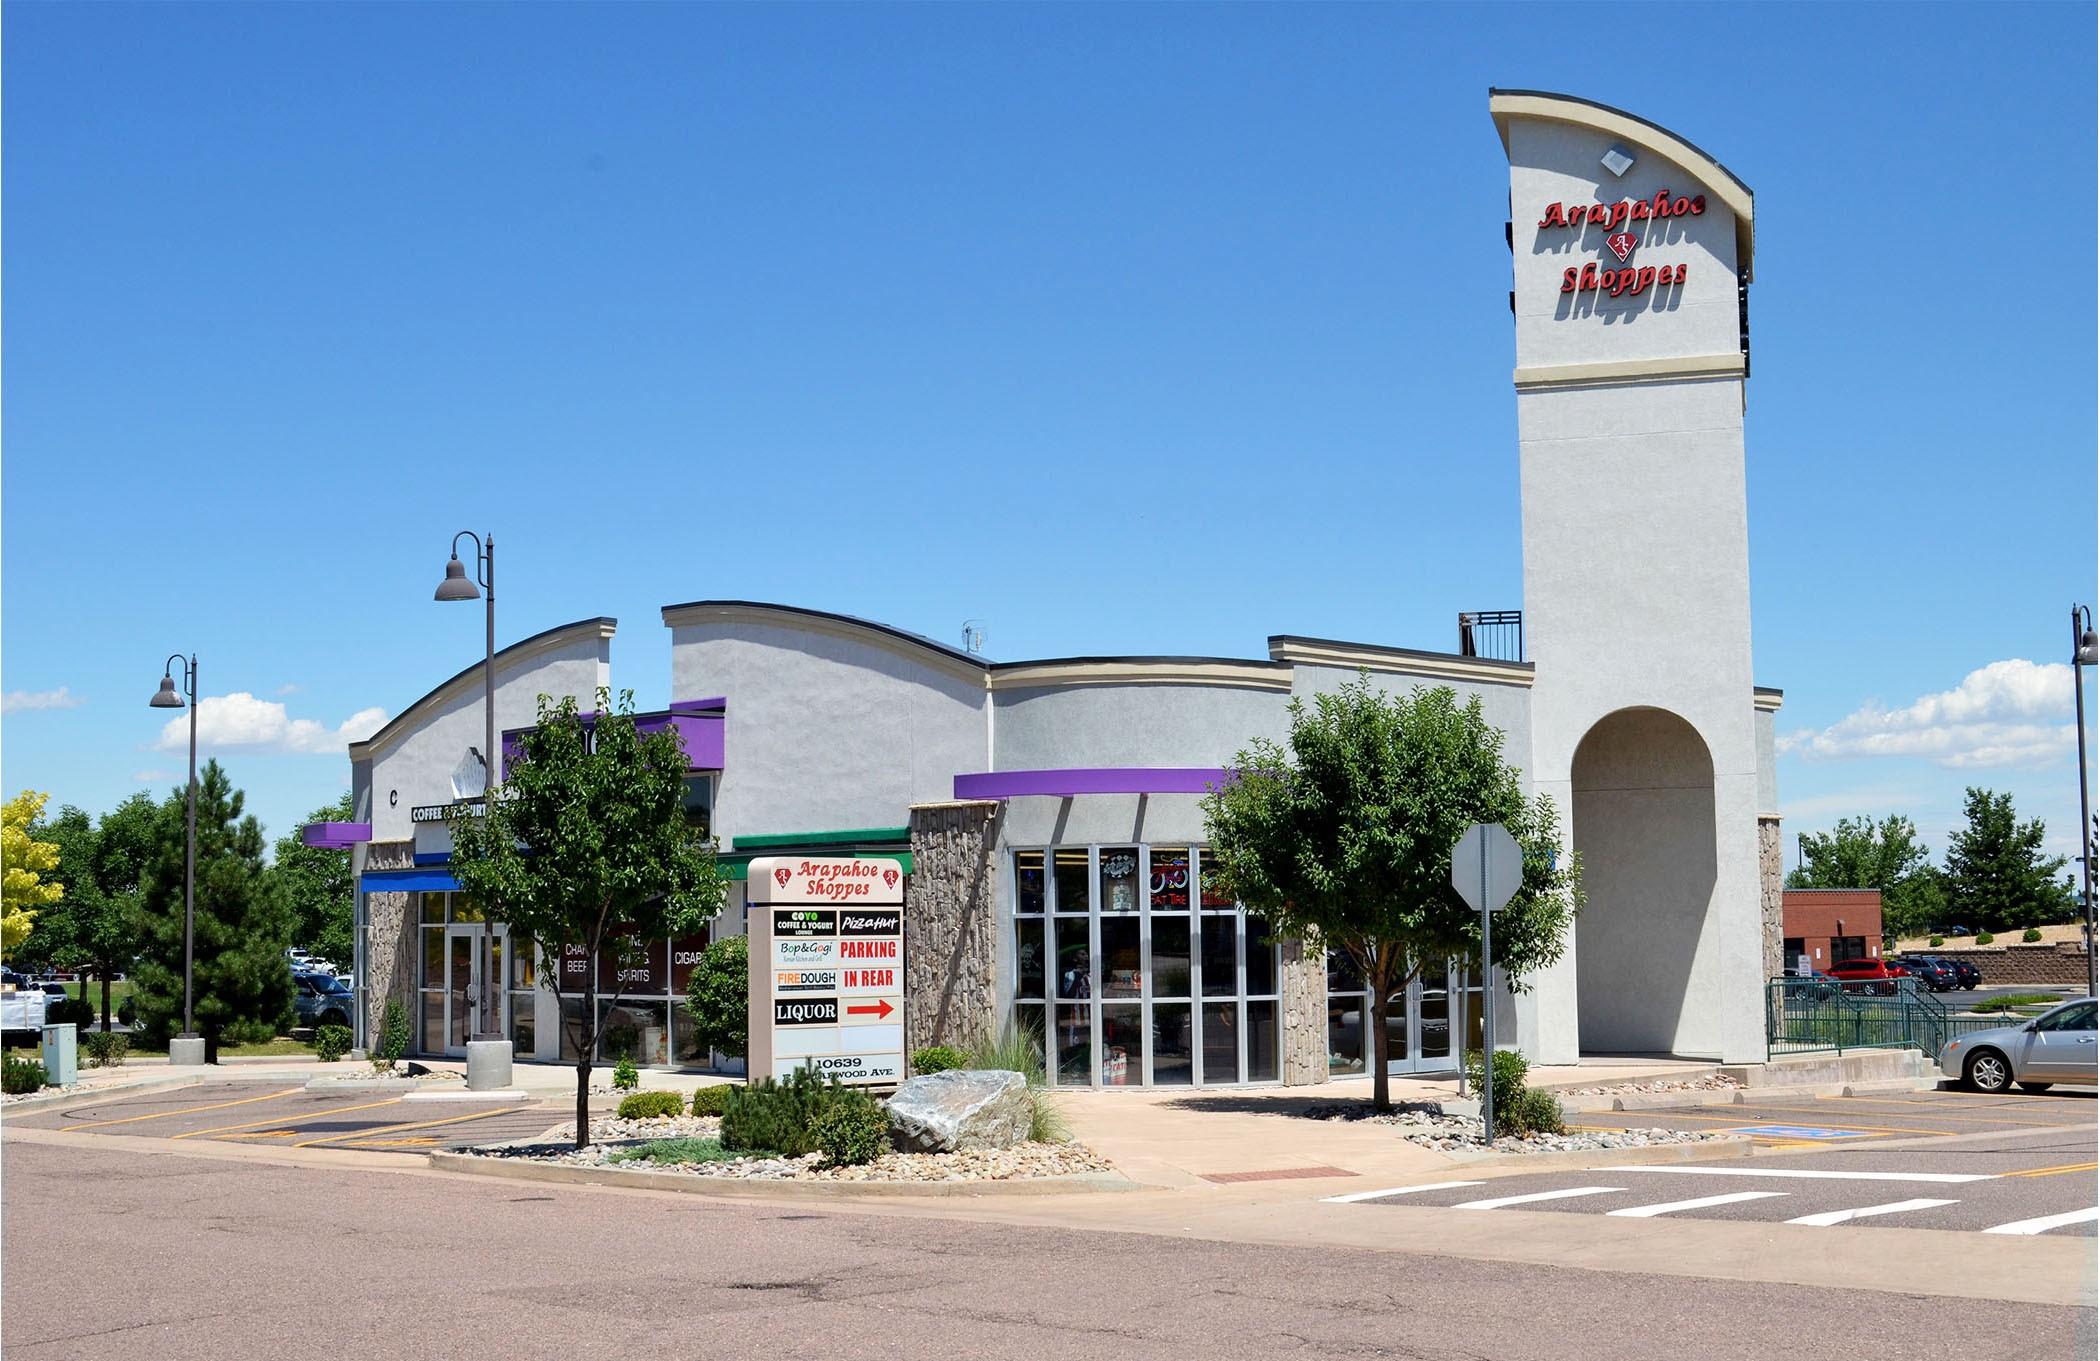 Marcus Millichap Multi-Tenant Retail